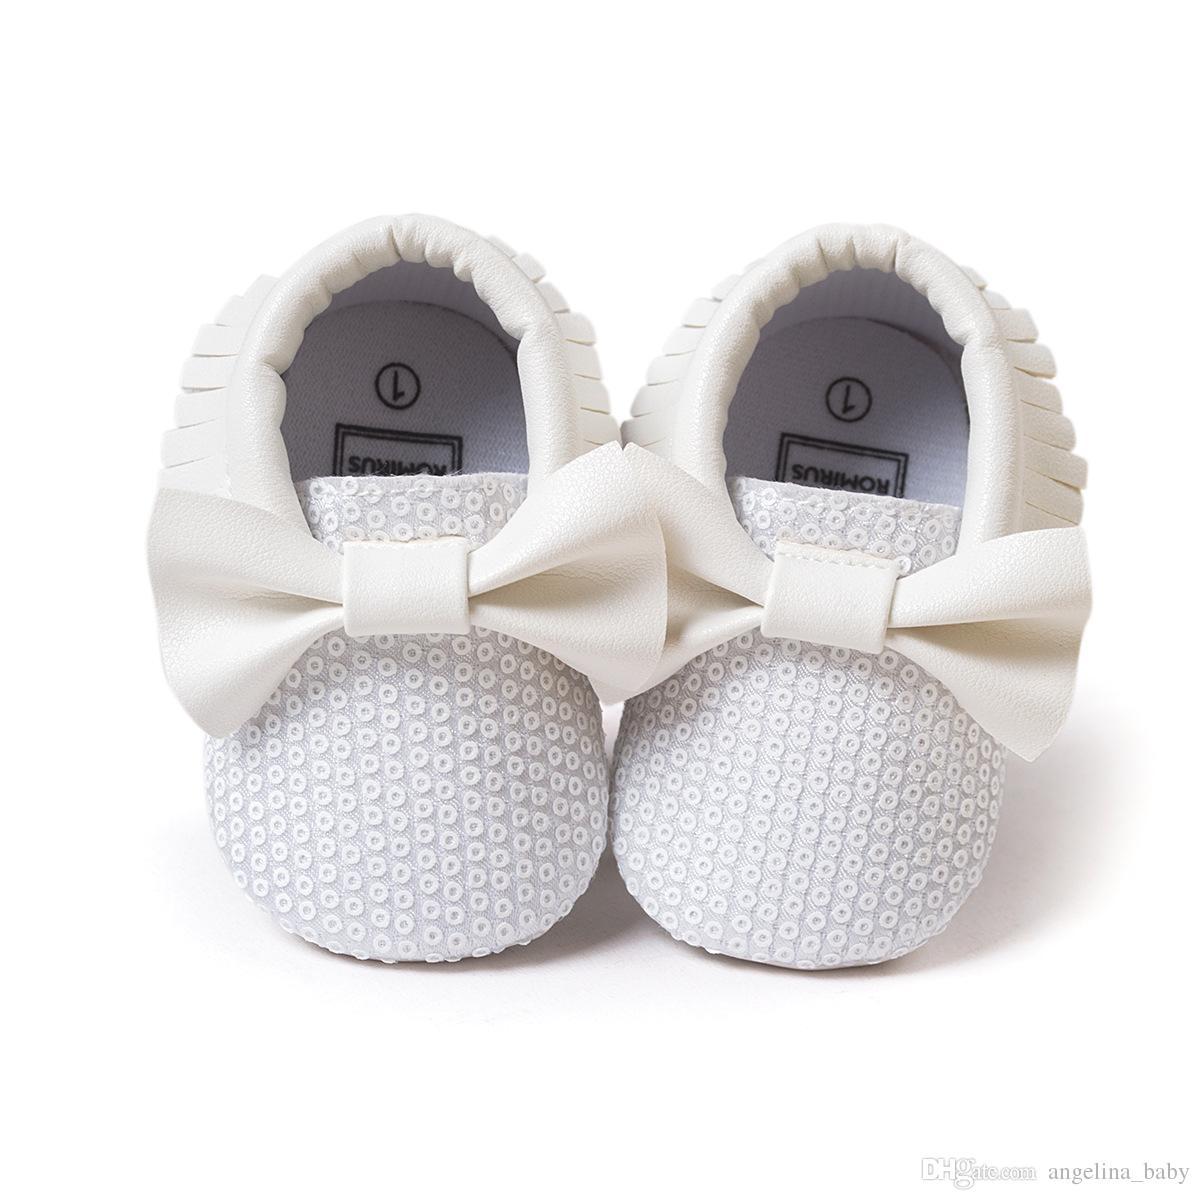 11 Farben neue Baby erste Walker Schuhe Pailletten Moccs Baby Mokassins weiche Sohle Mokassin Leder bunte Bogen Quaste Pailletten Booties Kleinkinder s